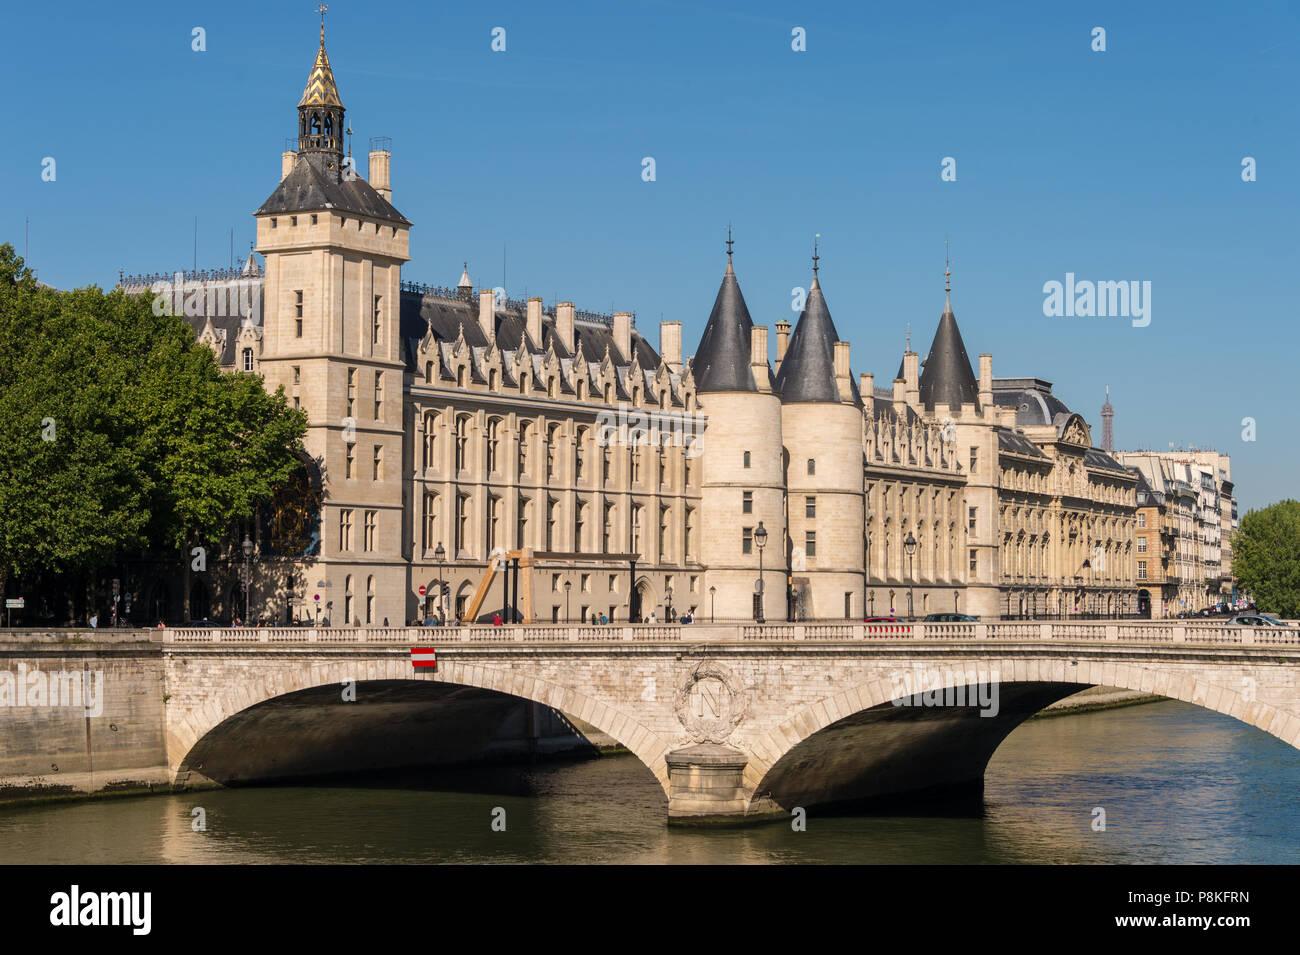 Paris, France - 23 June 2018: The 'Pont au Change' bridge over river Seine and former royal palace and prison 'La Conciergerie' - Stock Image